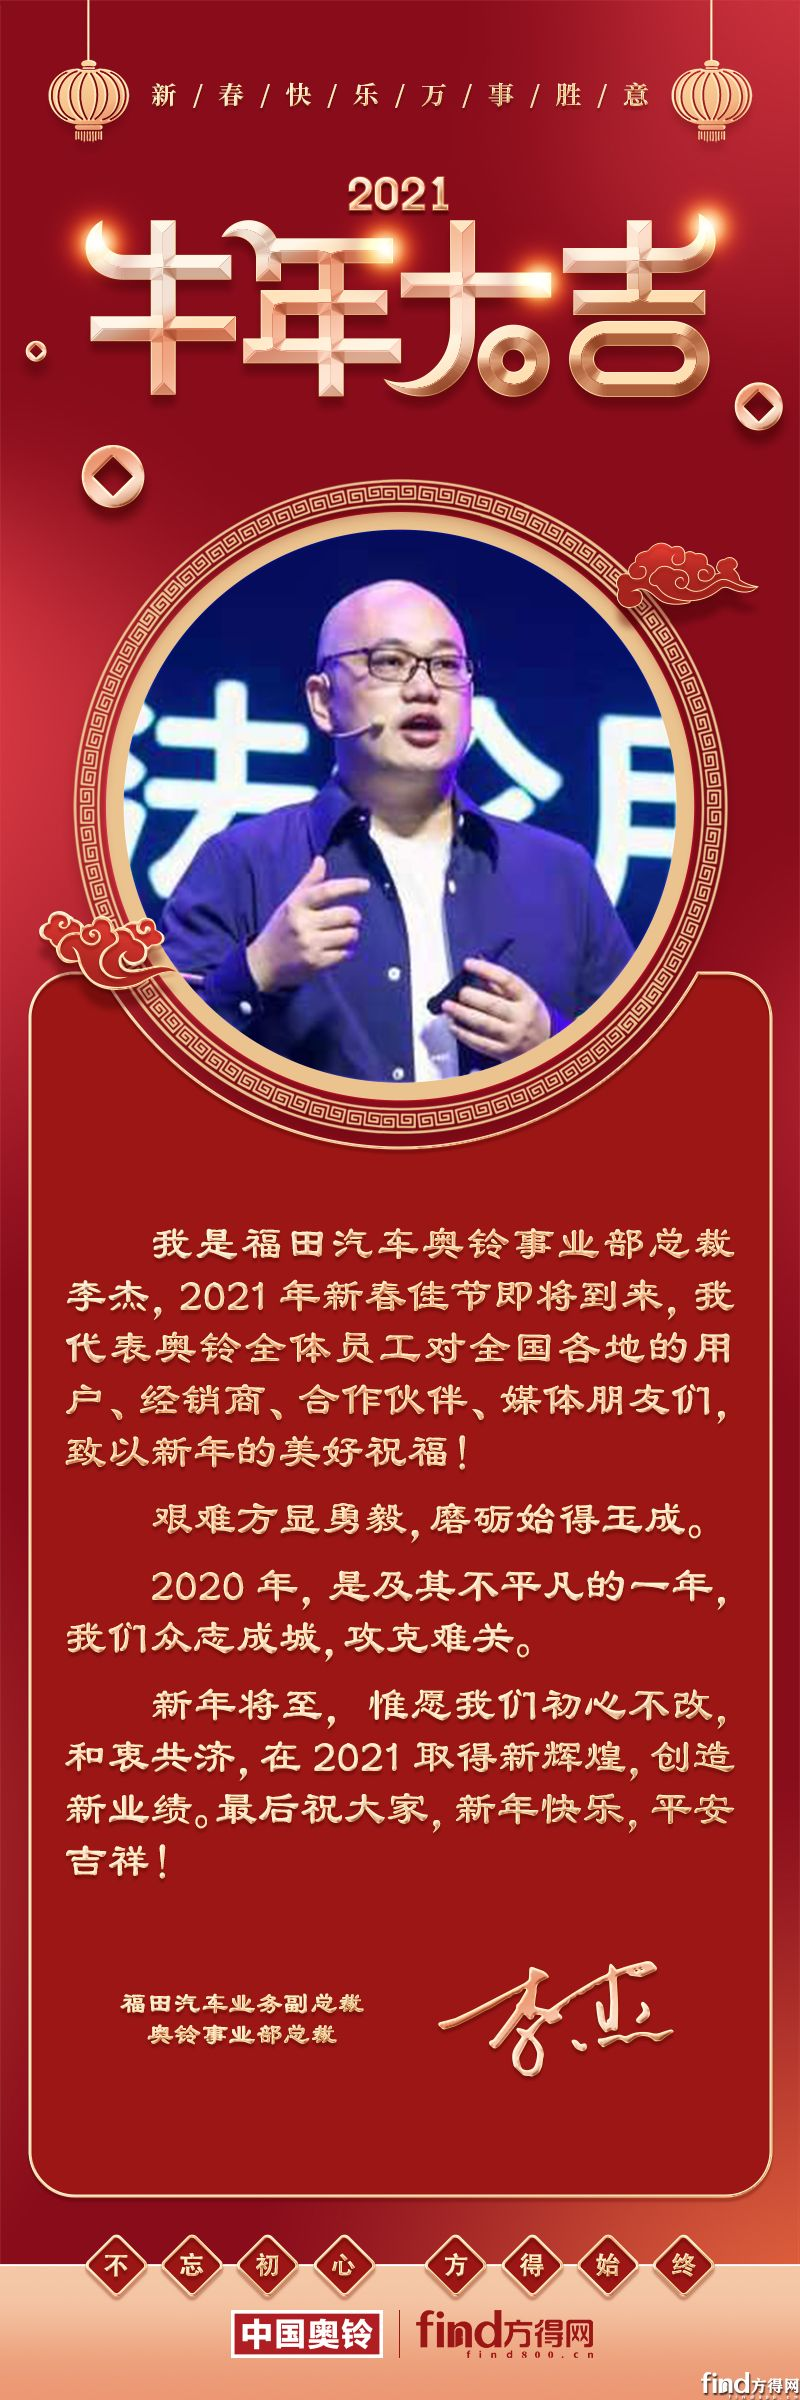 福田汽车业务副总裁、奥铃事业部总裁李杰的新年祝福